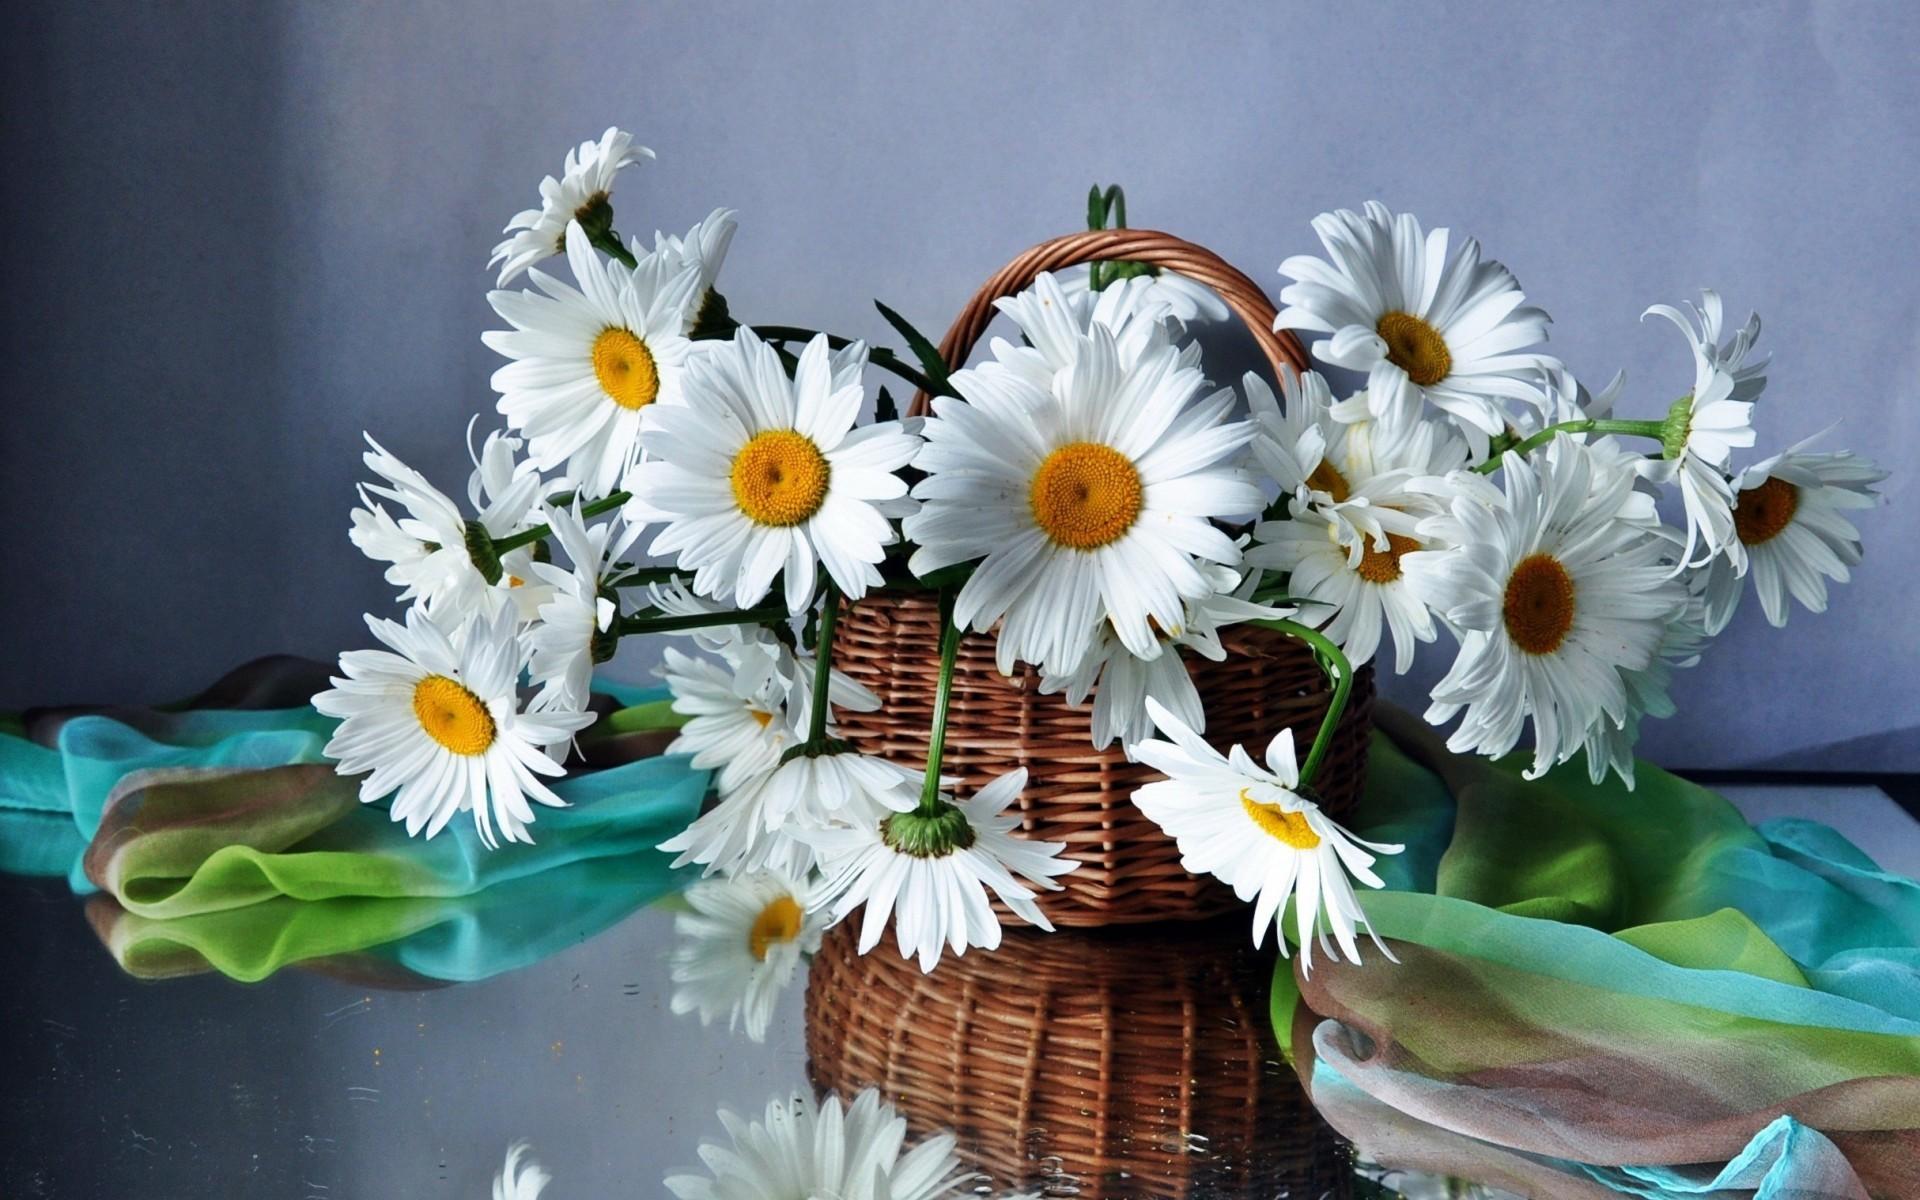 Mobile Wallpaper Life, Basket,daisies, Beautiful, Flower - Love Flower Love Wallpaper Beautiful - HD Wallpaper